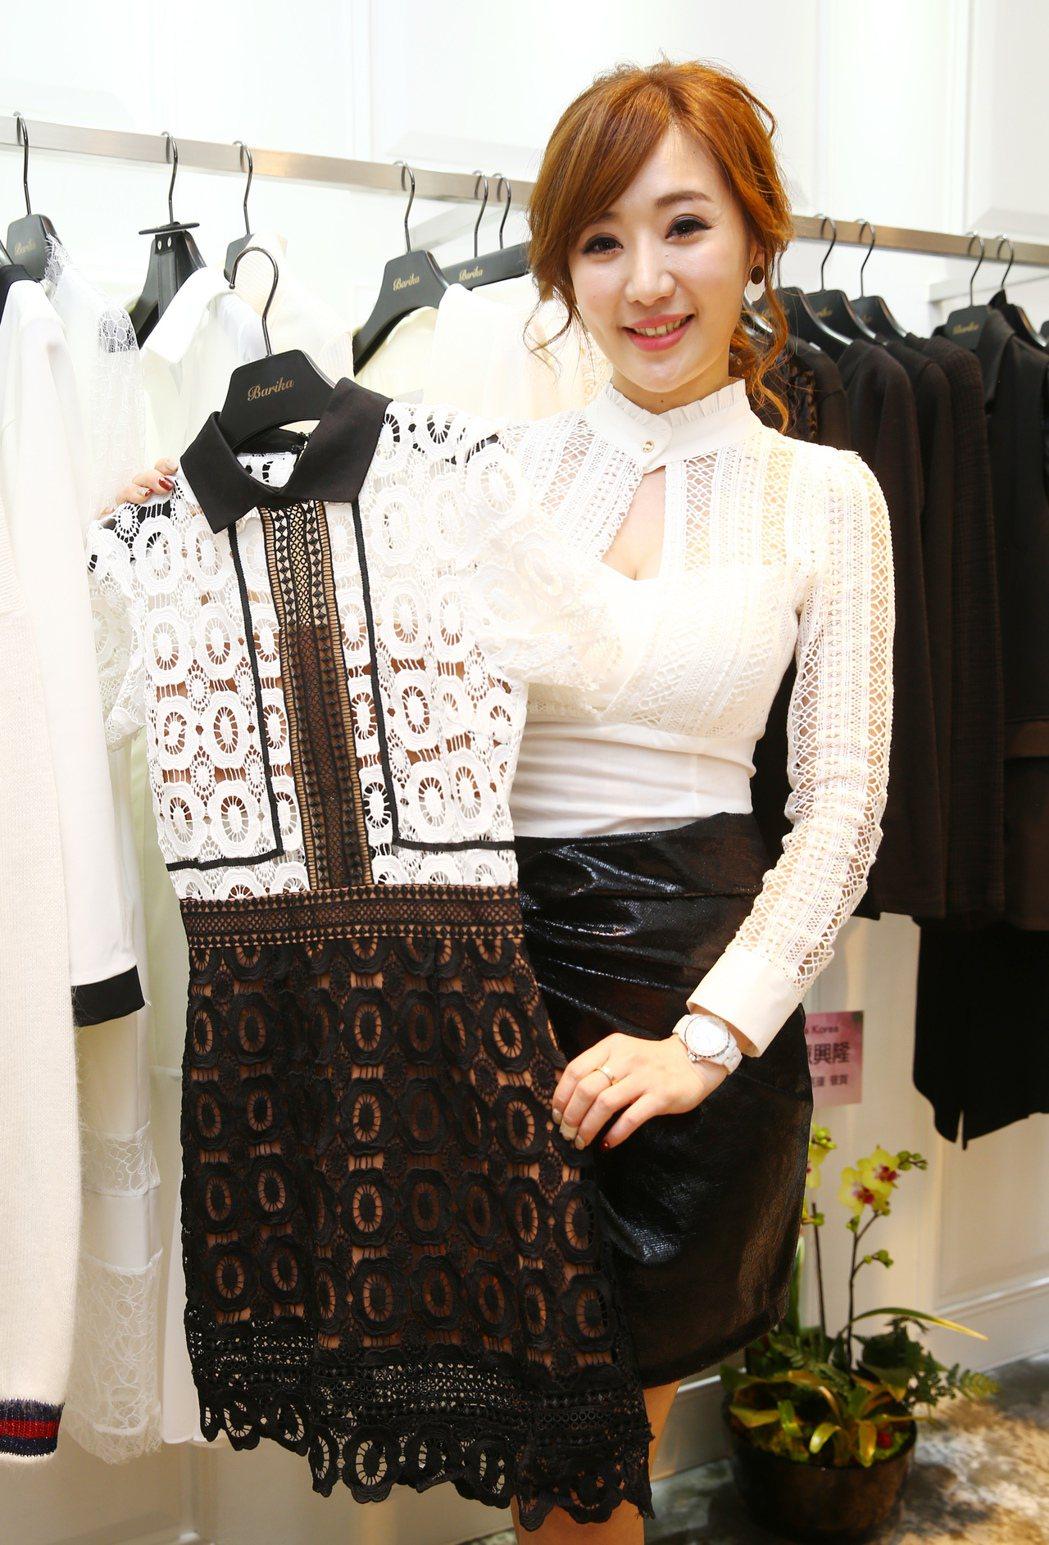 八點檔女星羅巧倫一圓創業夢,籌備多時的韓國精選服飾品牌Barika,正式開幕。記...